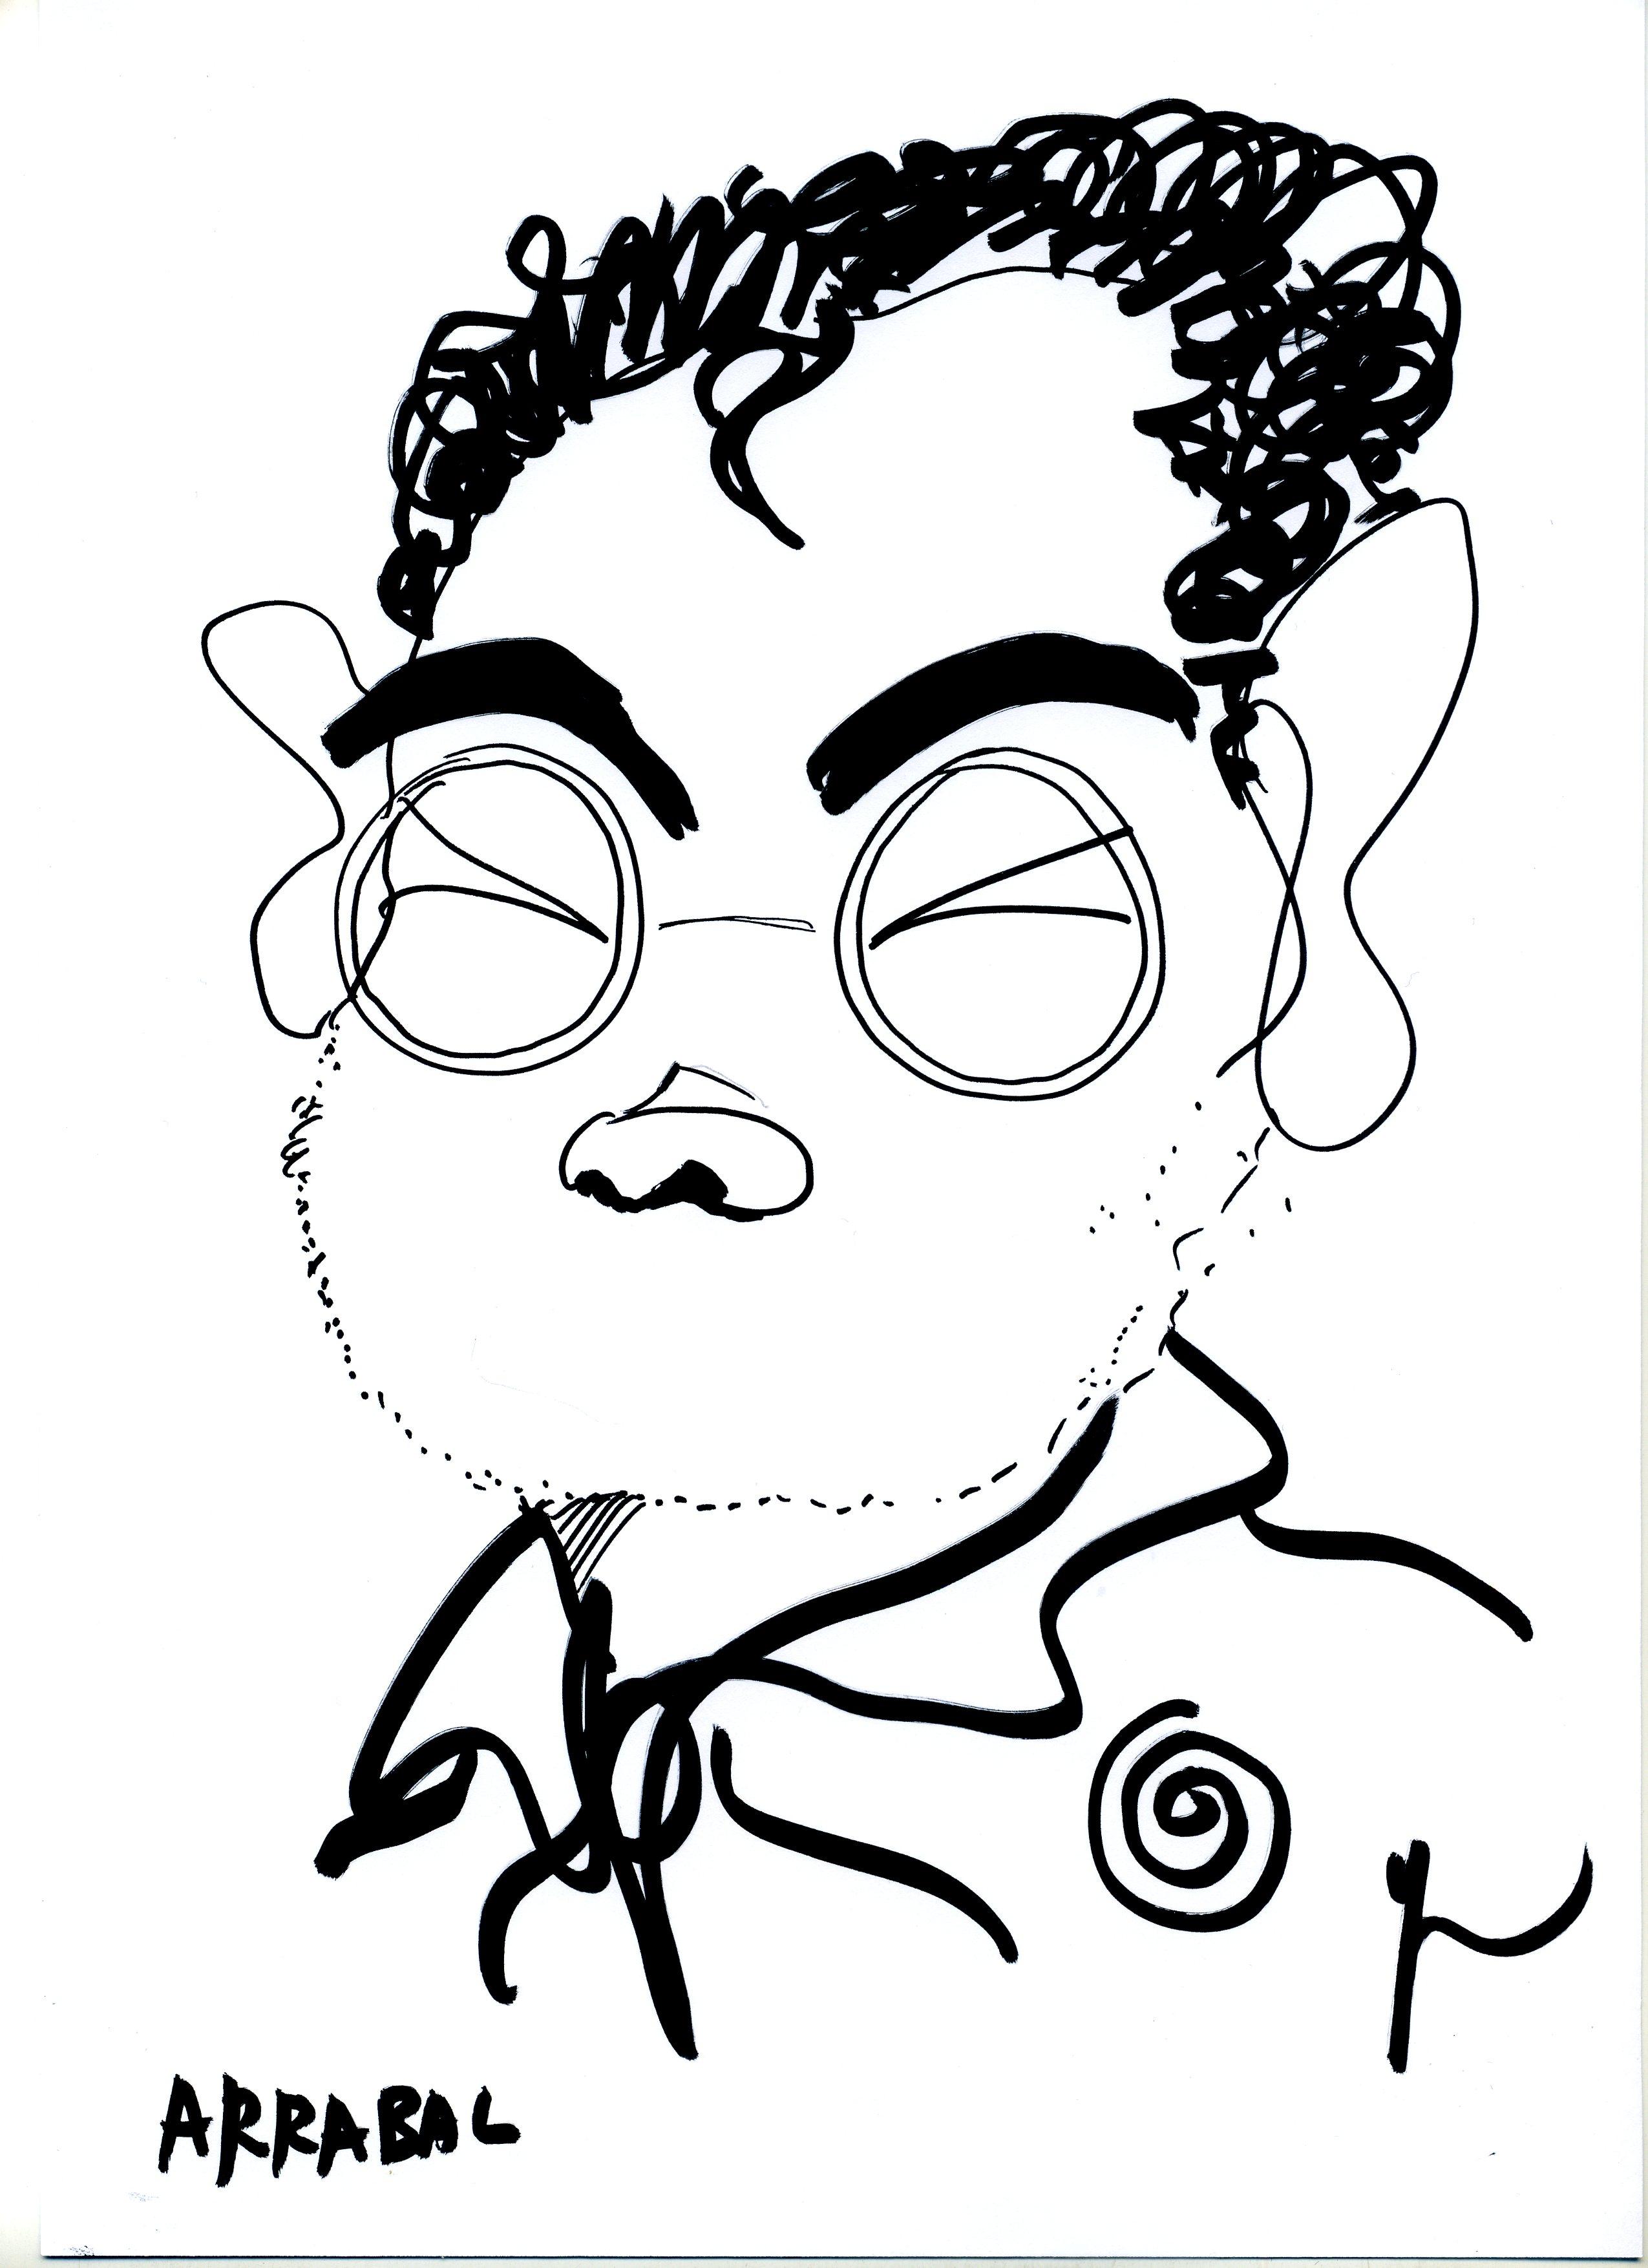 Portrait de Fernando Arrabal dessiné par Yann Moix